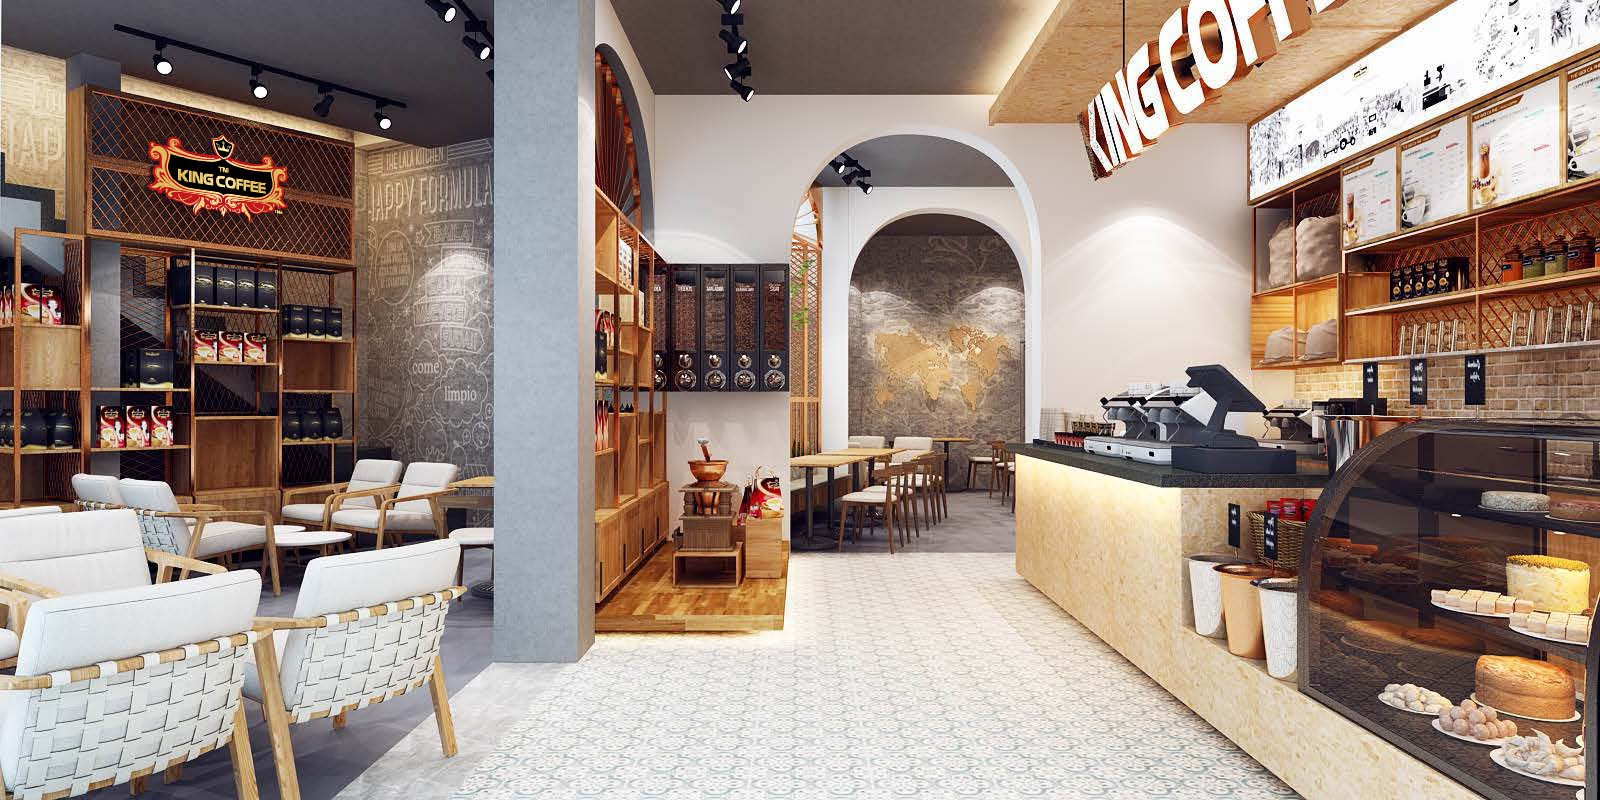 KingCoffeetừng bước ra mắt 3 mô hình cửa hàng tại Việt Nam - Ảnh 4.